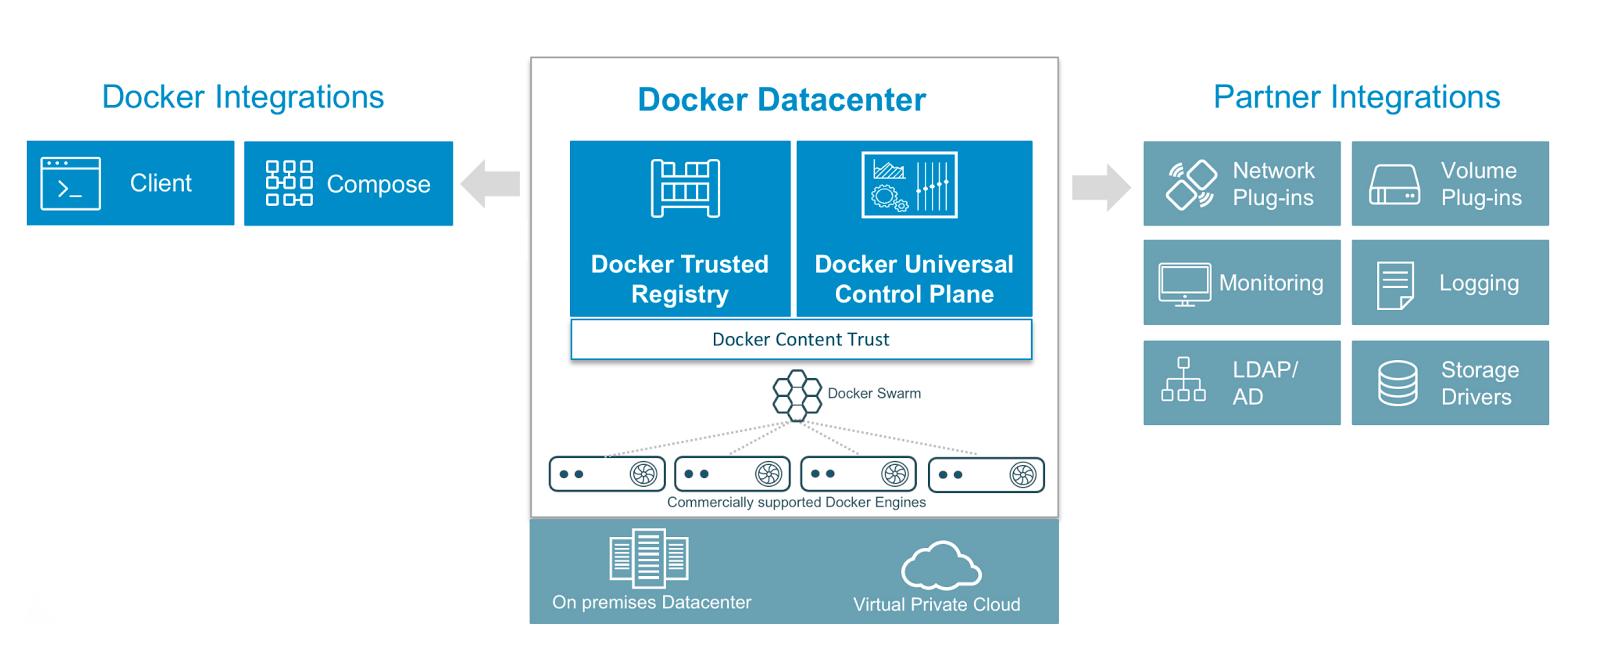 Docker Datacenter logical schema